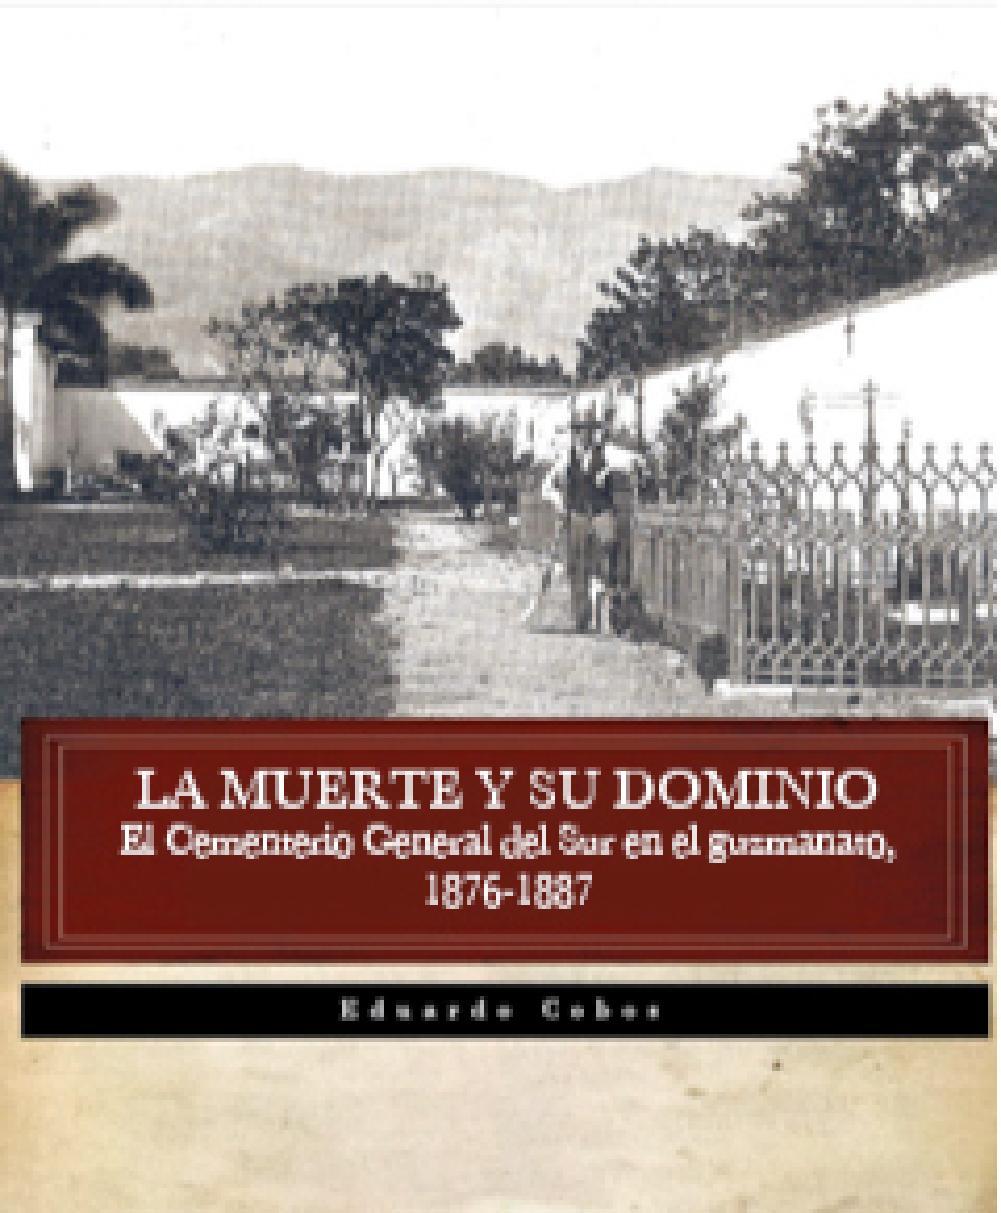 LA MUERTE Y SU DOMINIO El Cementerio General del Sur en el guzmanato,  1876-1887 by Fundación Centro Nacional de Historia - issuu